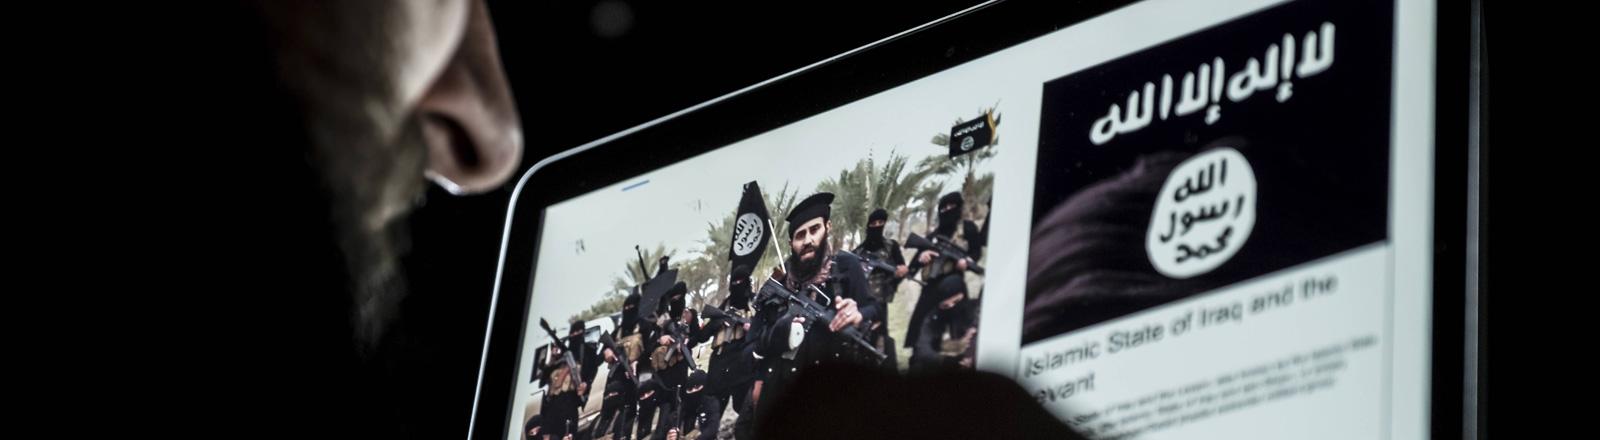 Ein Mann schaut sich ein Video des IS auf dem Laptop an.